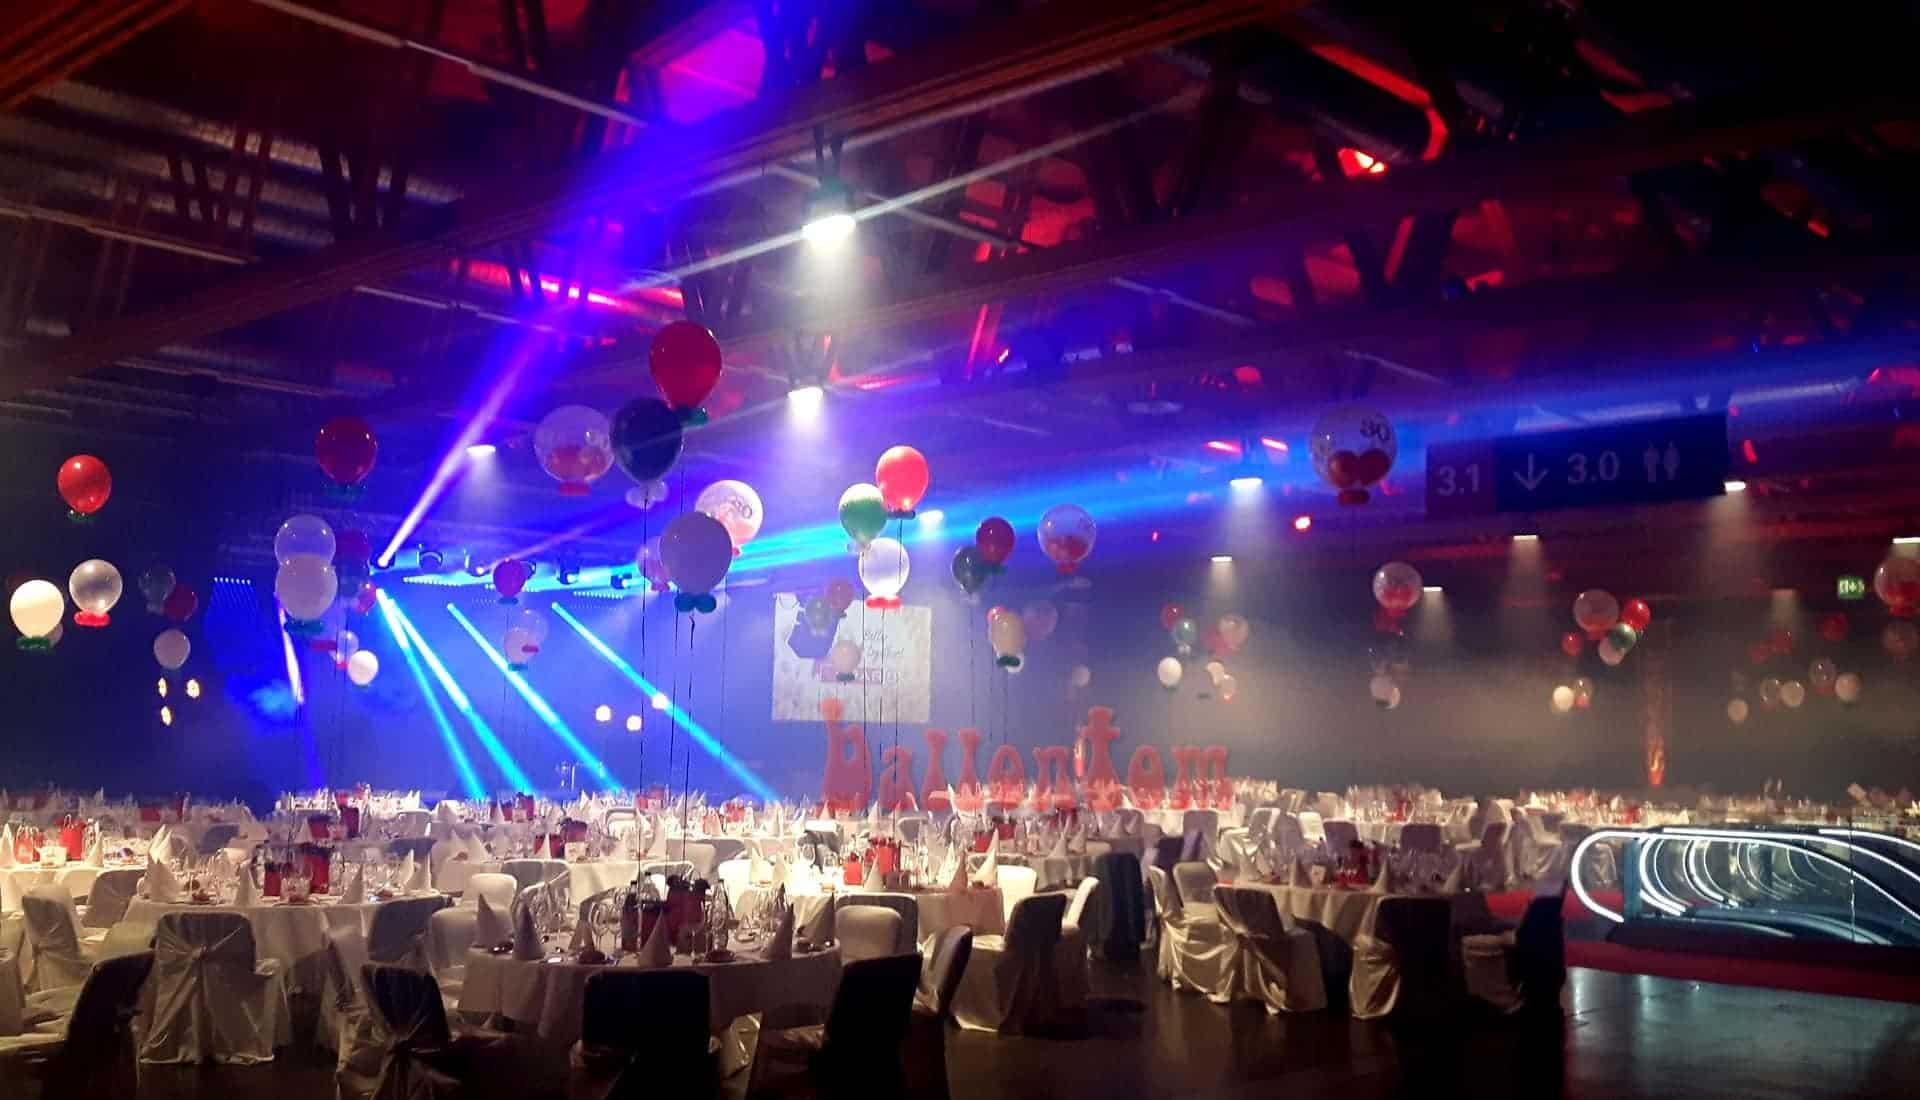 Ballondekoration zur Abendveranstaltung - Projekt: Ballonhaus Schweiz